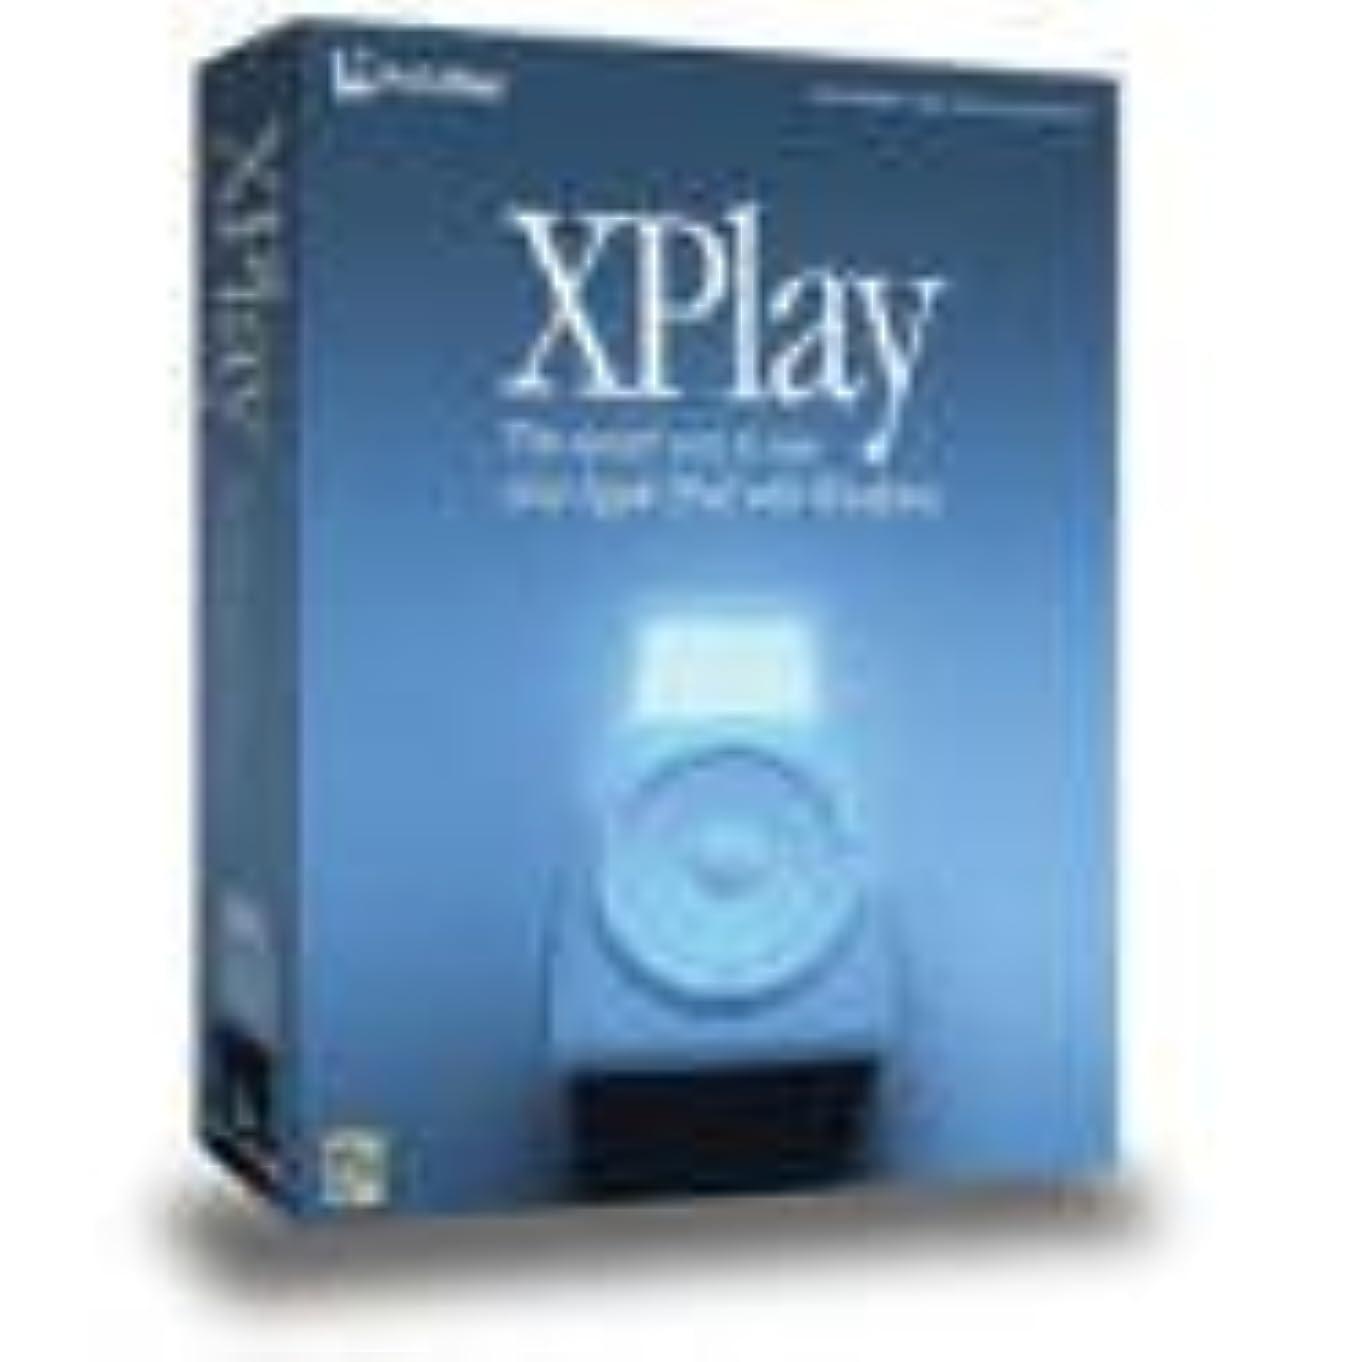 広いマントイチゴXPlay 日本語版